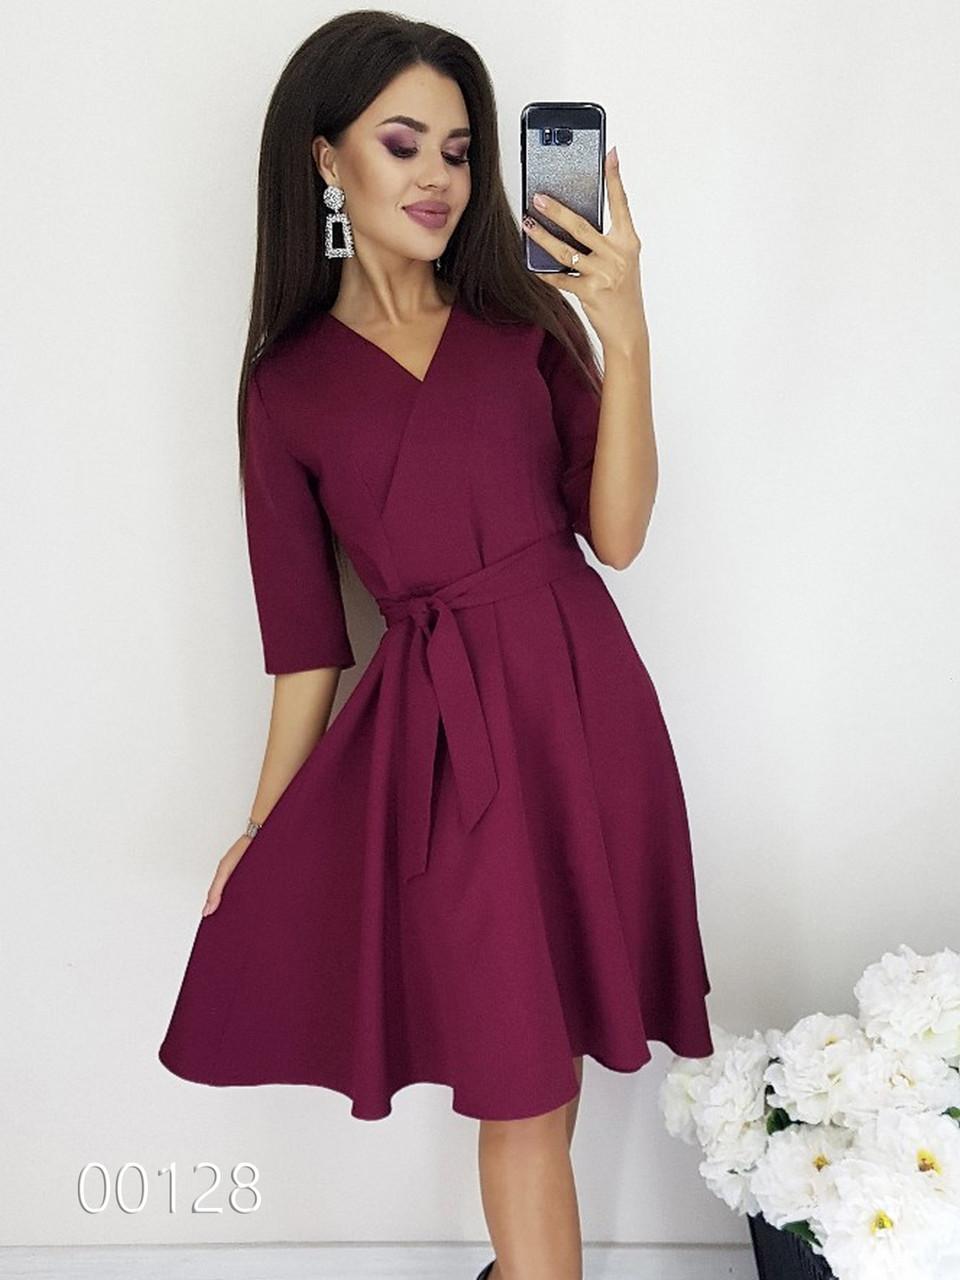 Платье с запахом на груди вечернее, 00128 (Бордовый), Размер 44 (M)